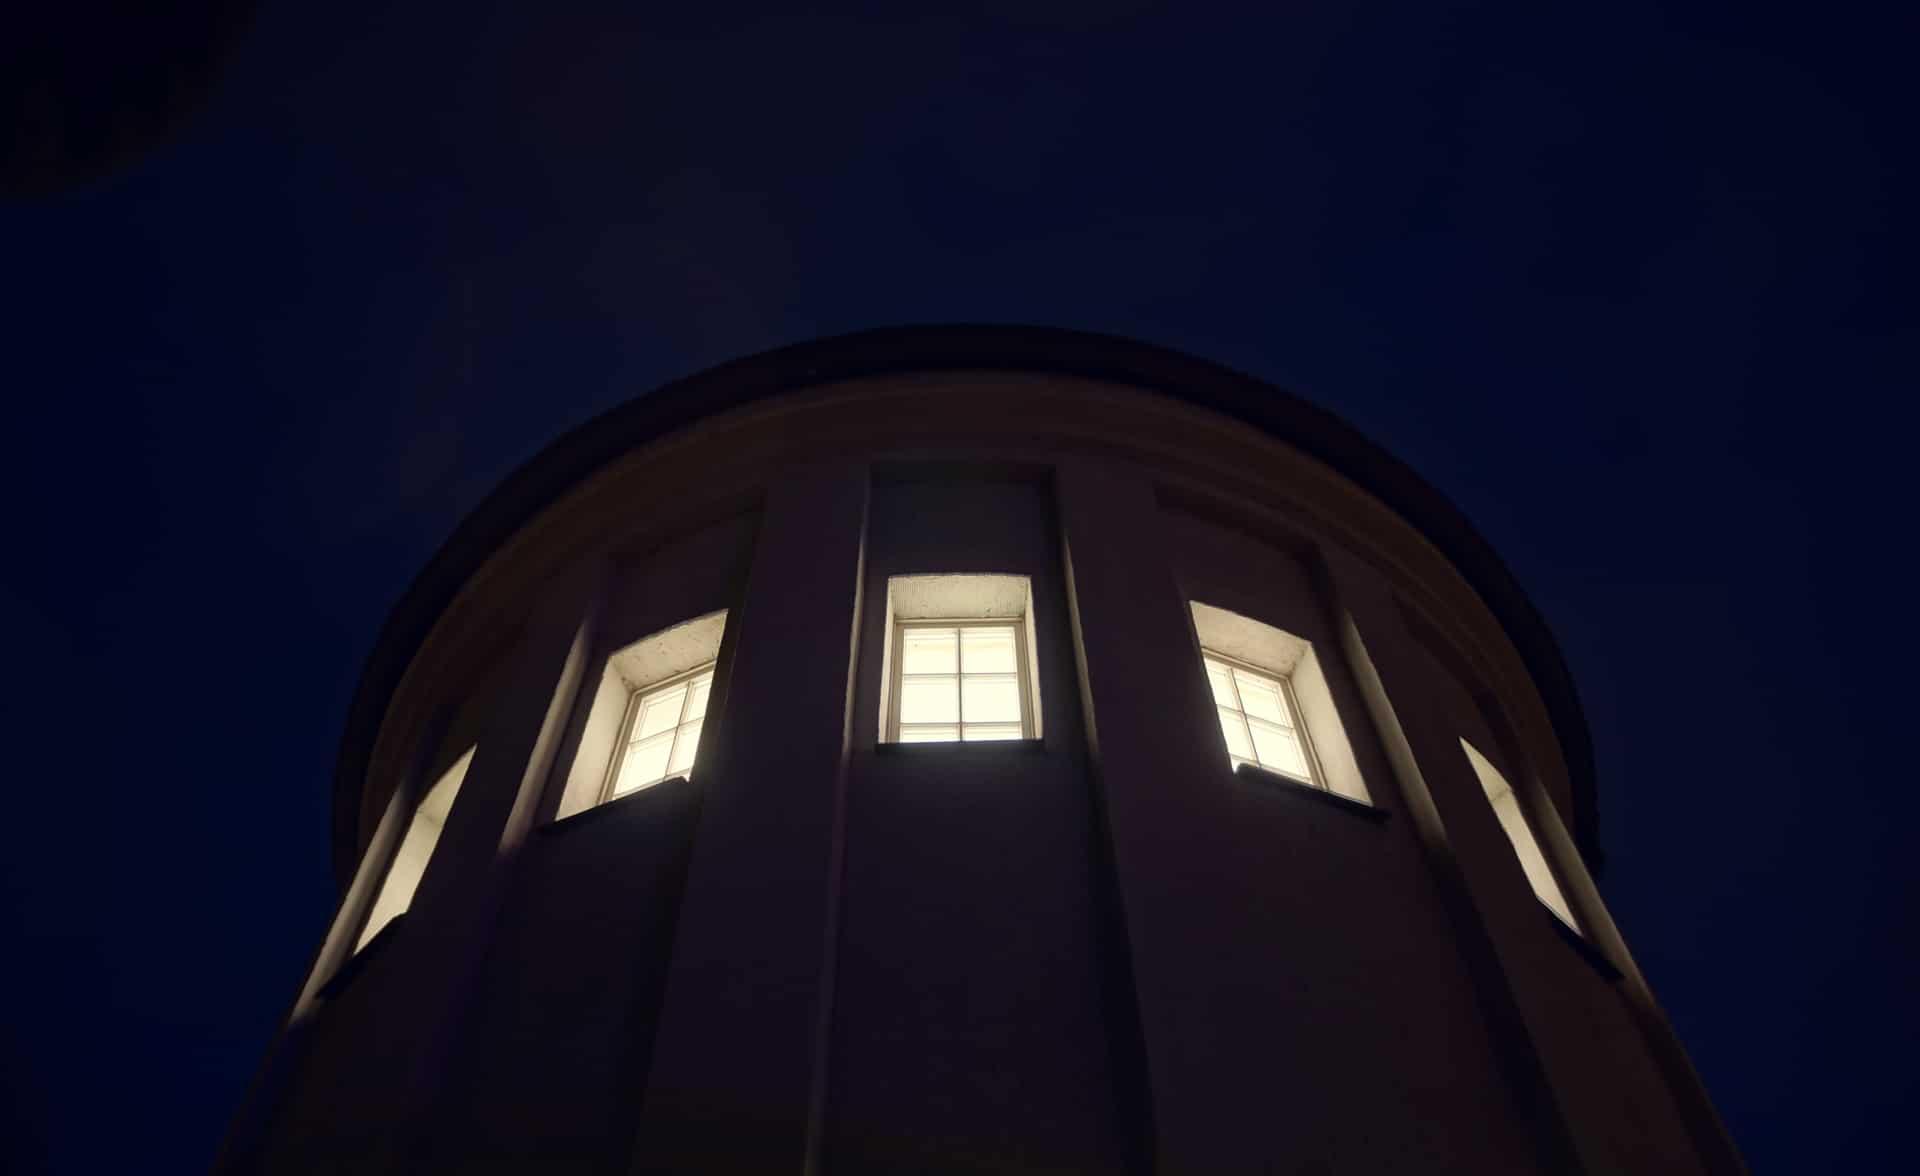 Diesen Turm dürft ihr beeinflussen. (Foto: neuesvomlicht.de)